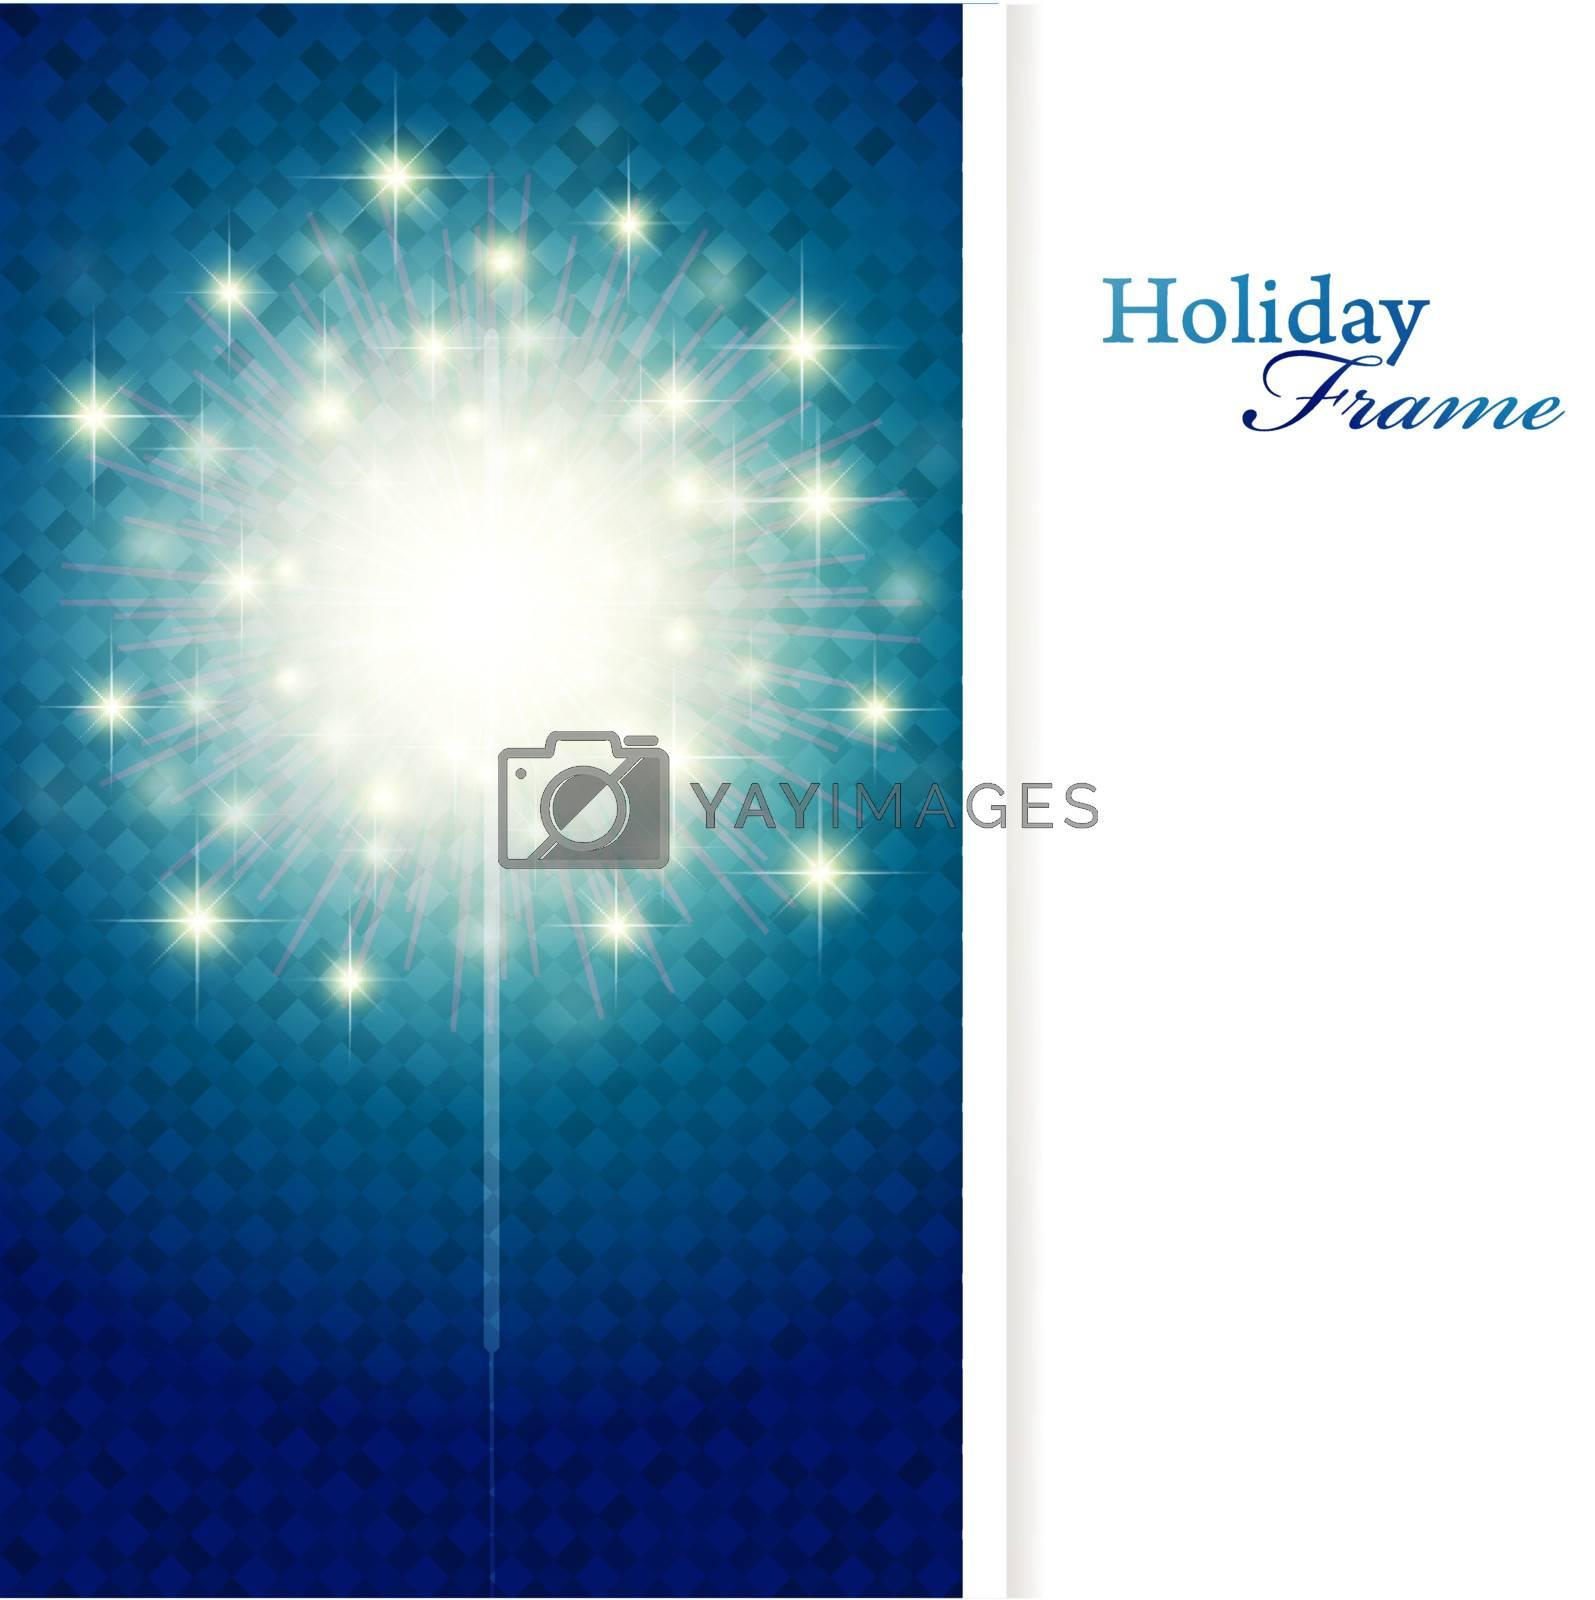 Royalty free image of holiday frame by razvodovska